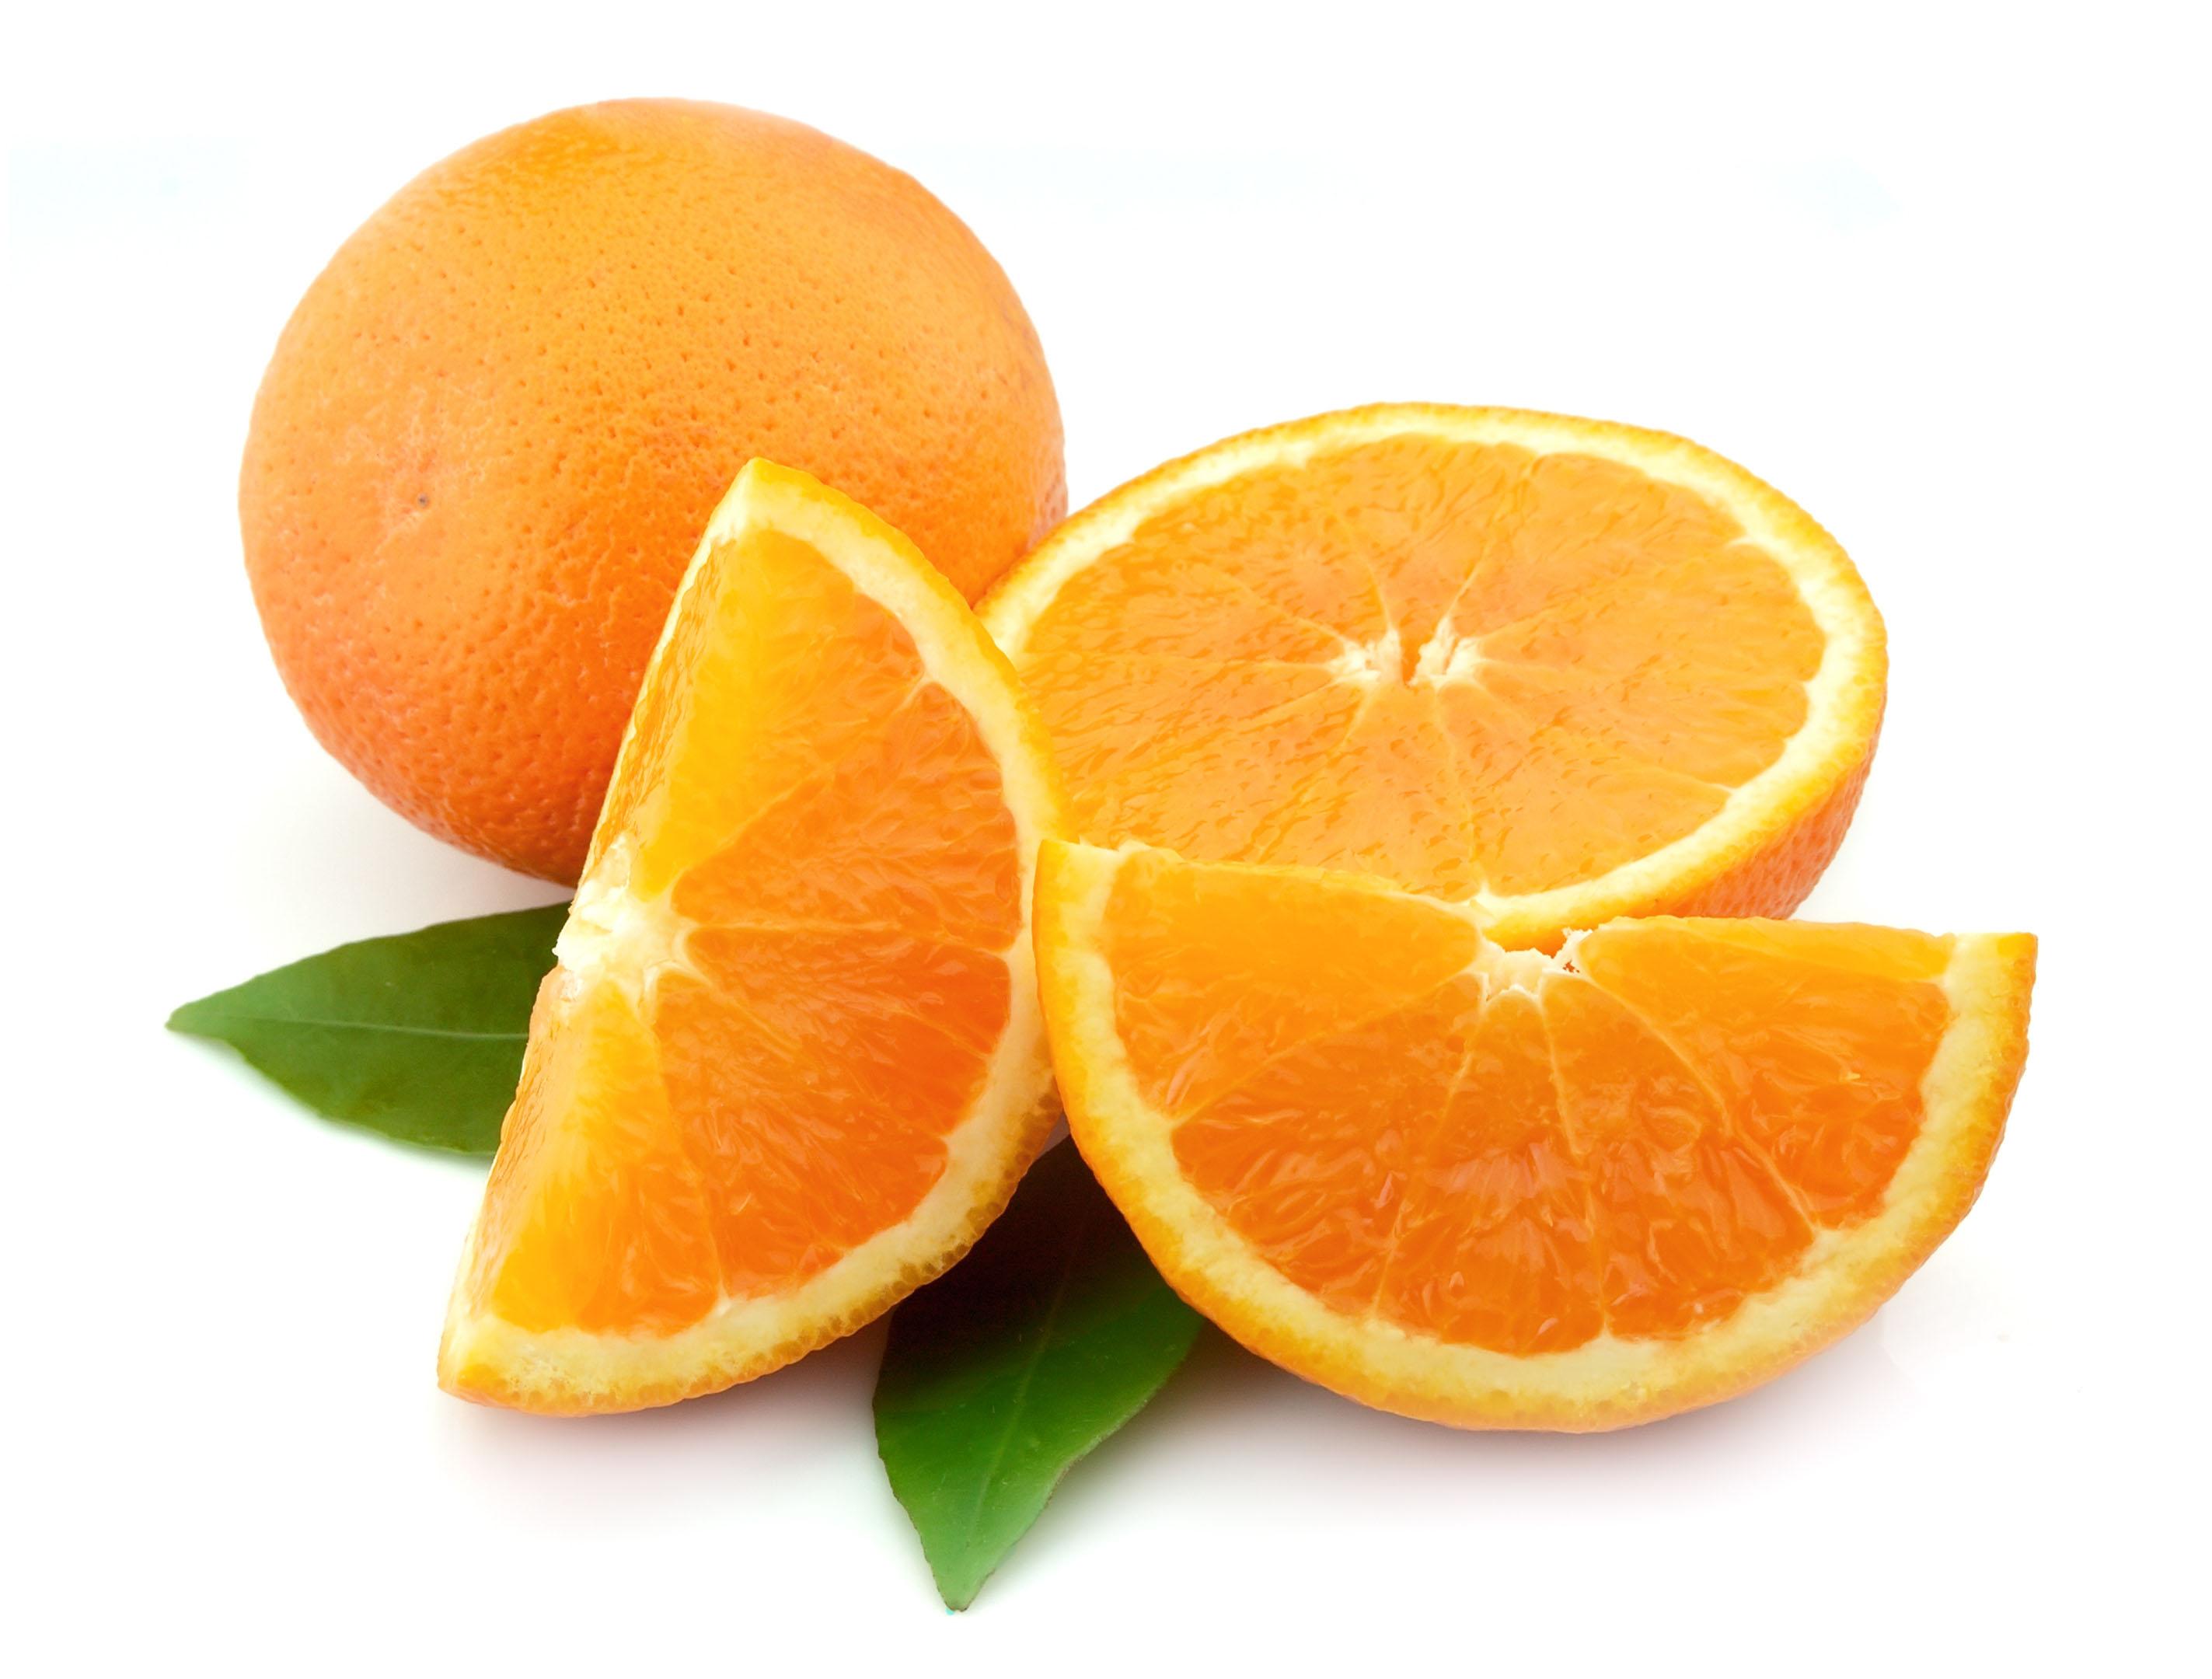 Casa de la naranja